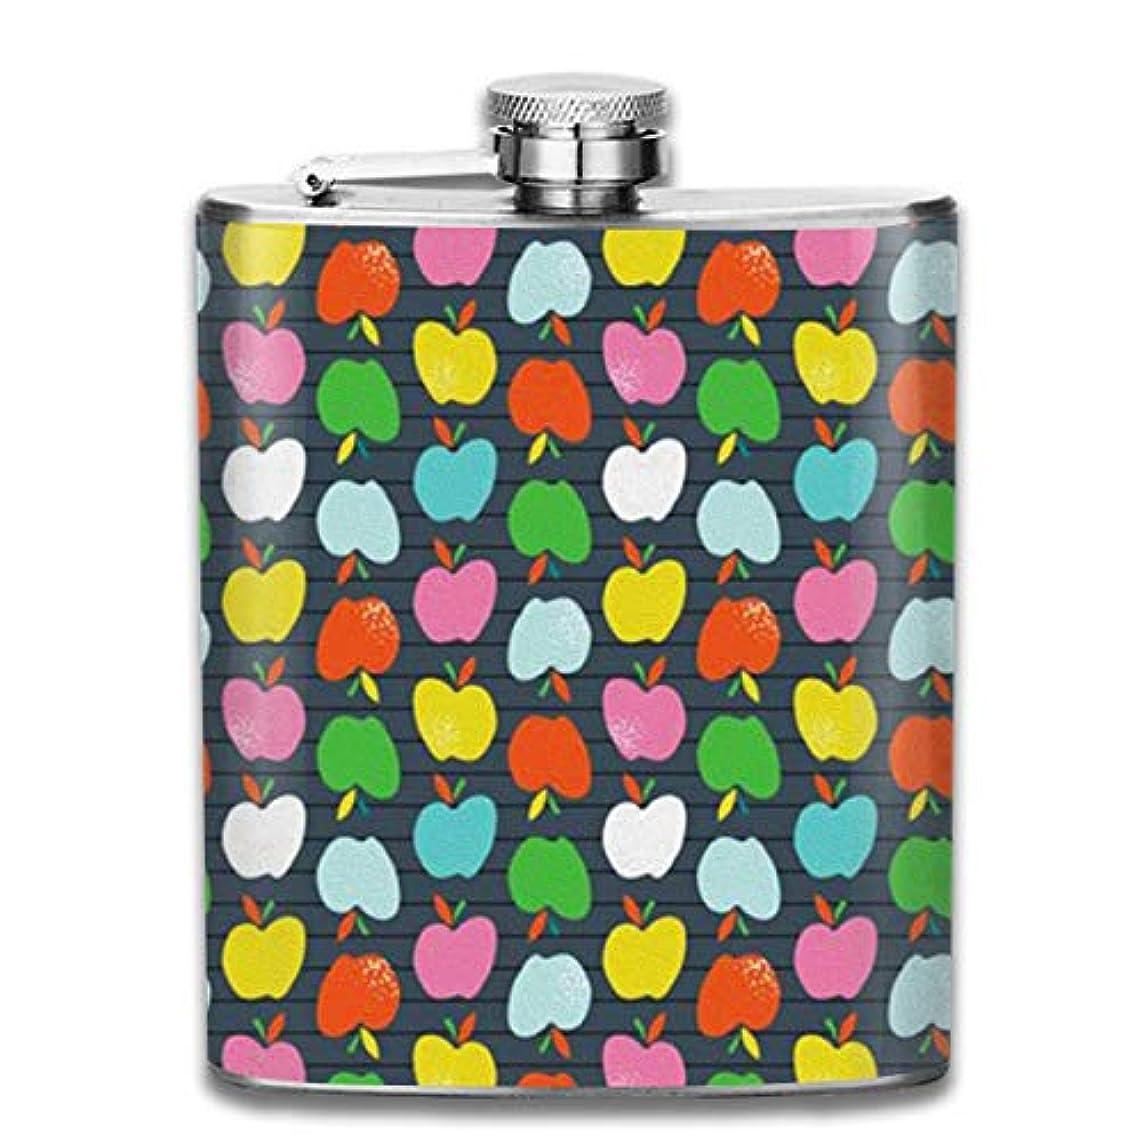 地味な財布太陽リンゴ 水彩画 フラスコ スキットル ヒップフラスコ 7オンス 206ml 高品質ステンレス製 ウイスキー アルコール 清酒 携帯 ボトル